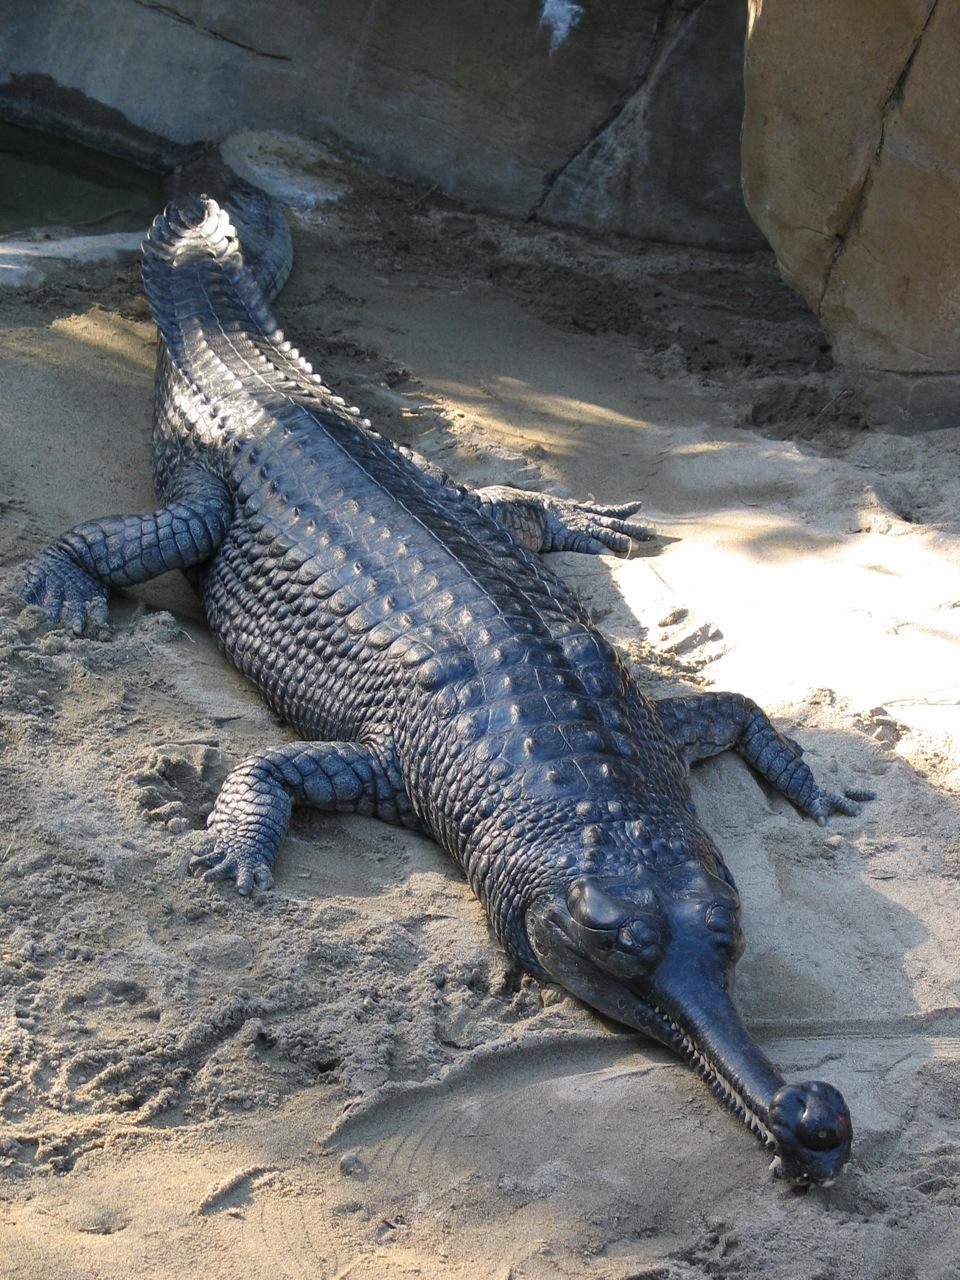 Crocodile vs alligator vs caiman vs gharial - photo#23